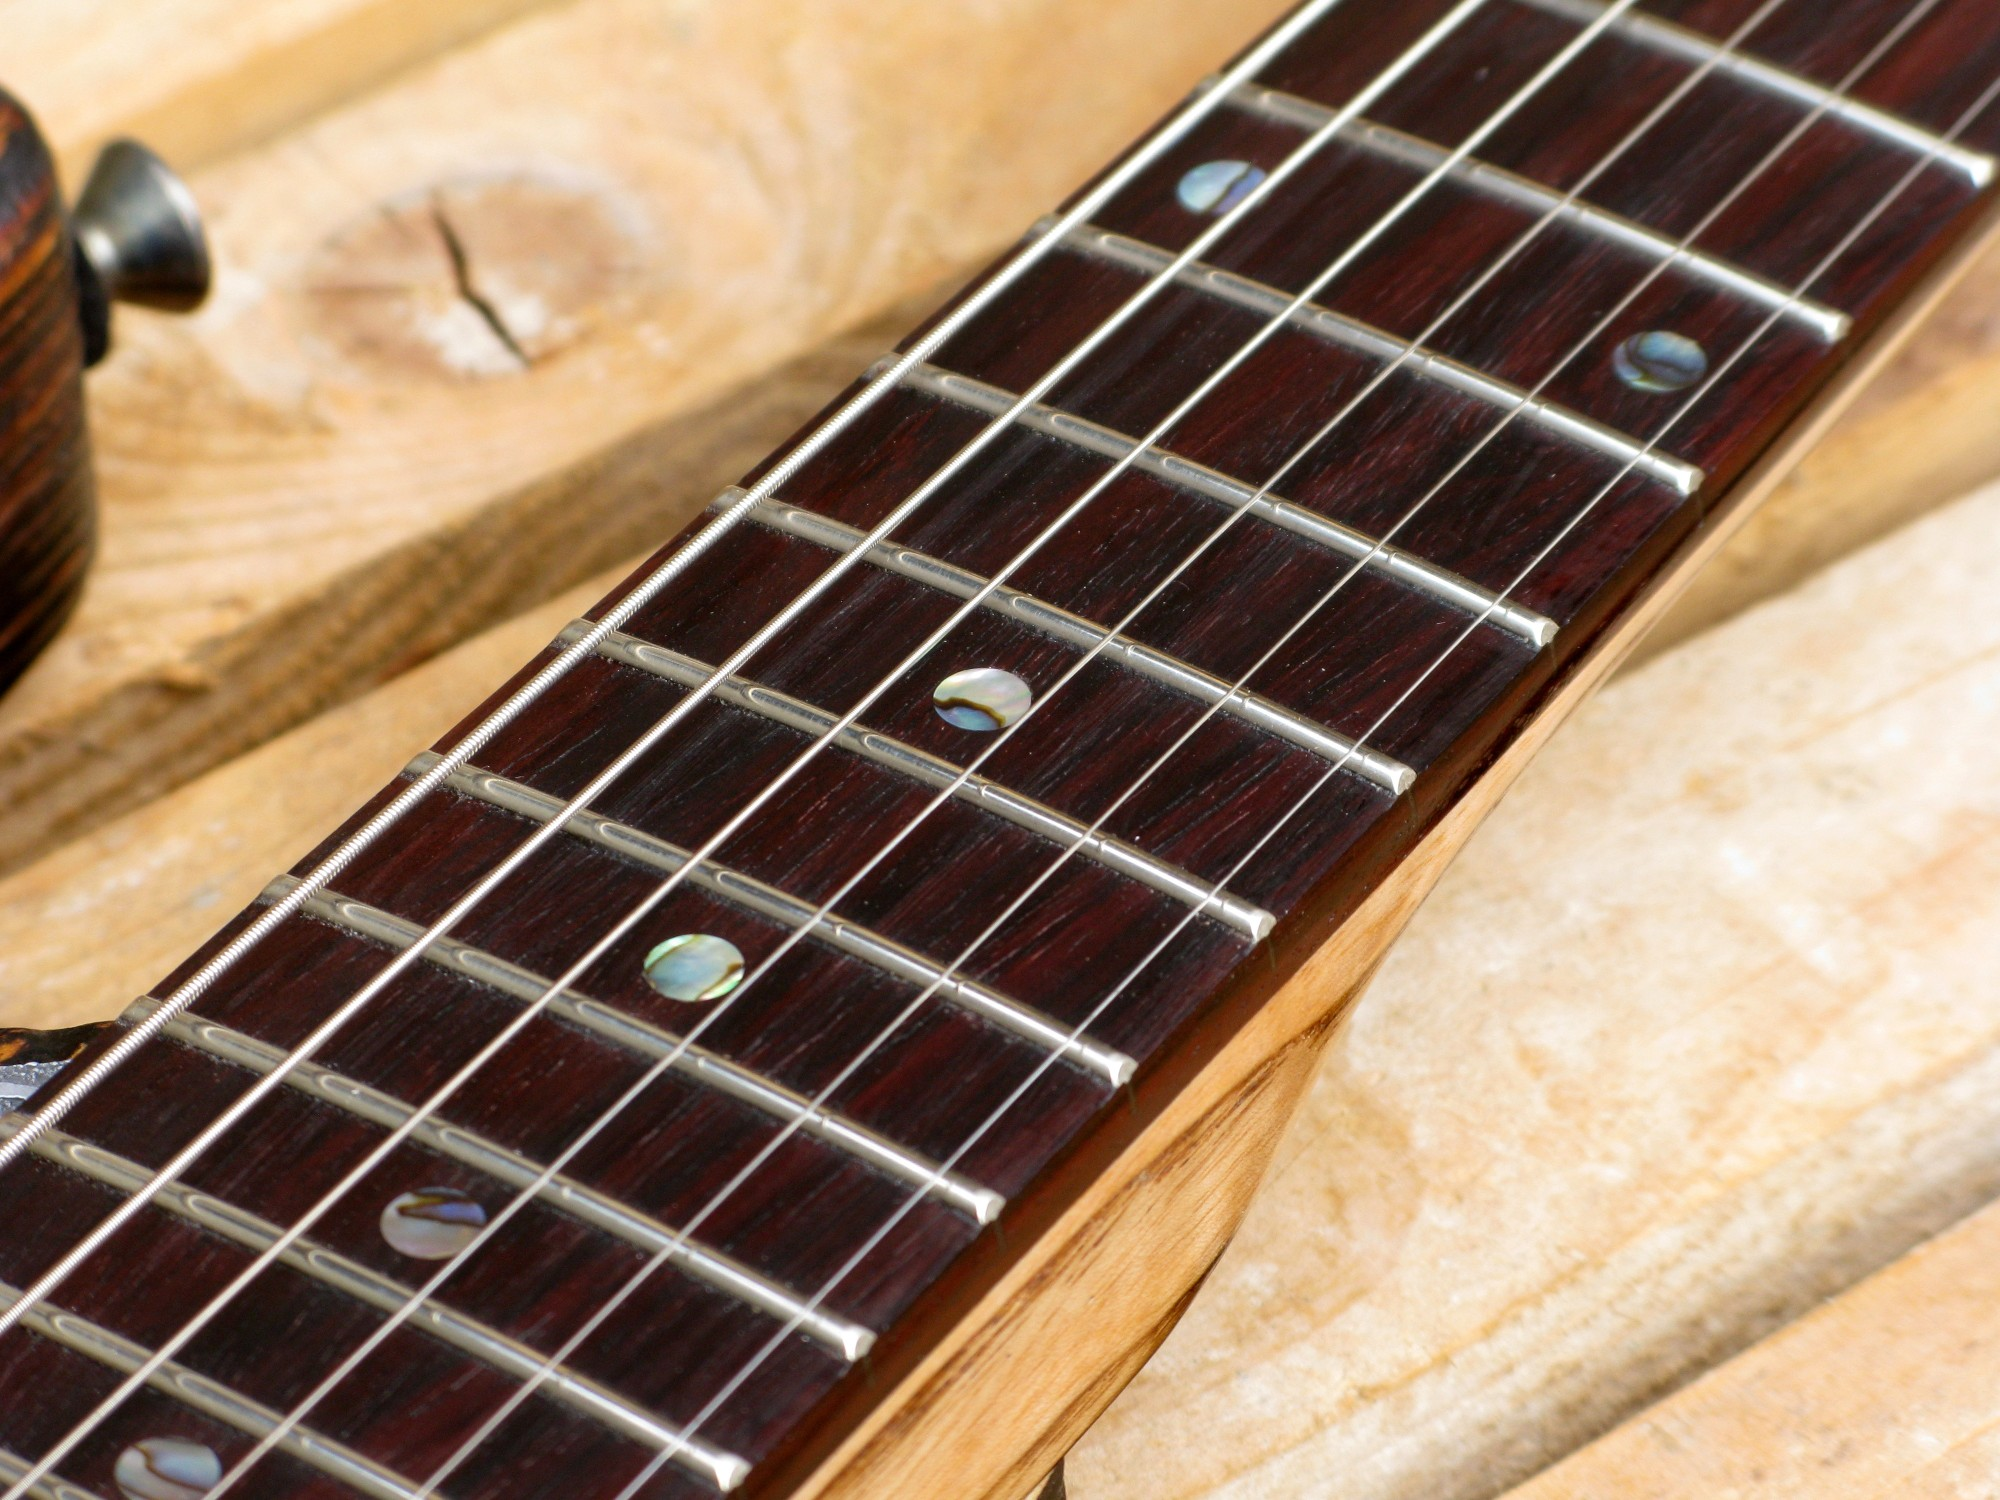 Chitarra modello Stratocaster, body in pino, manico in frassino, reverse: tasti